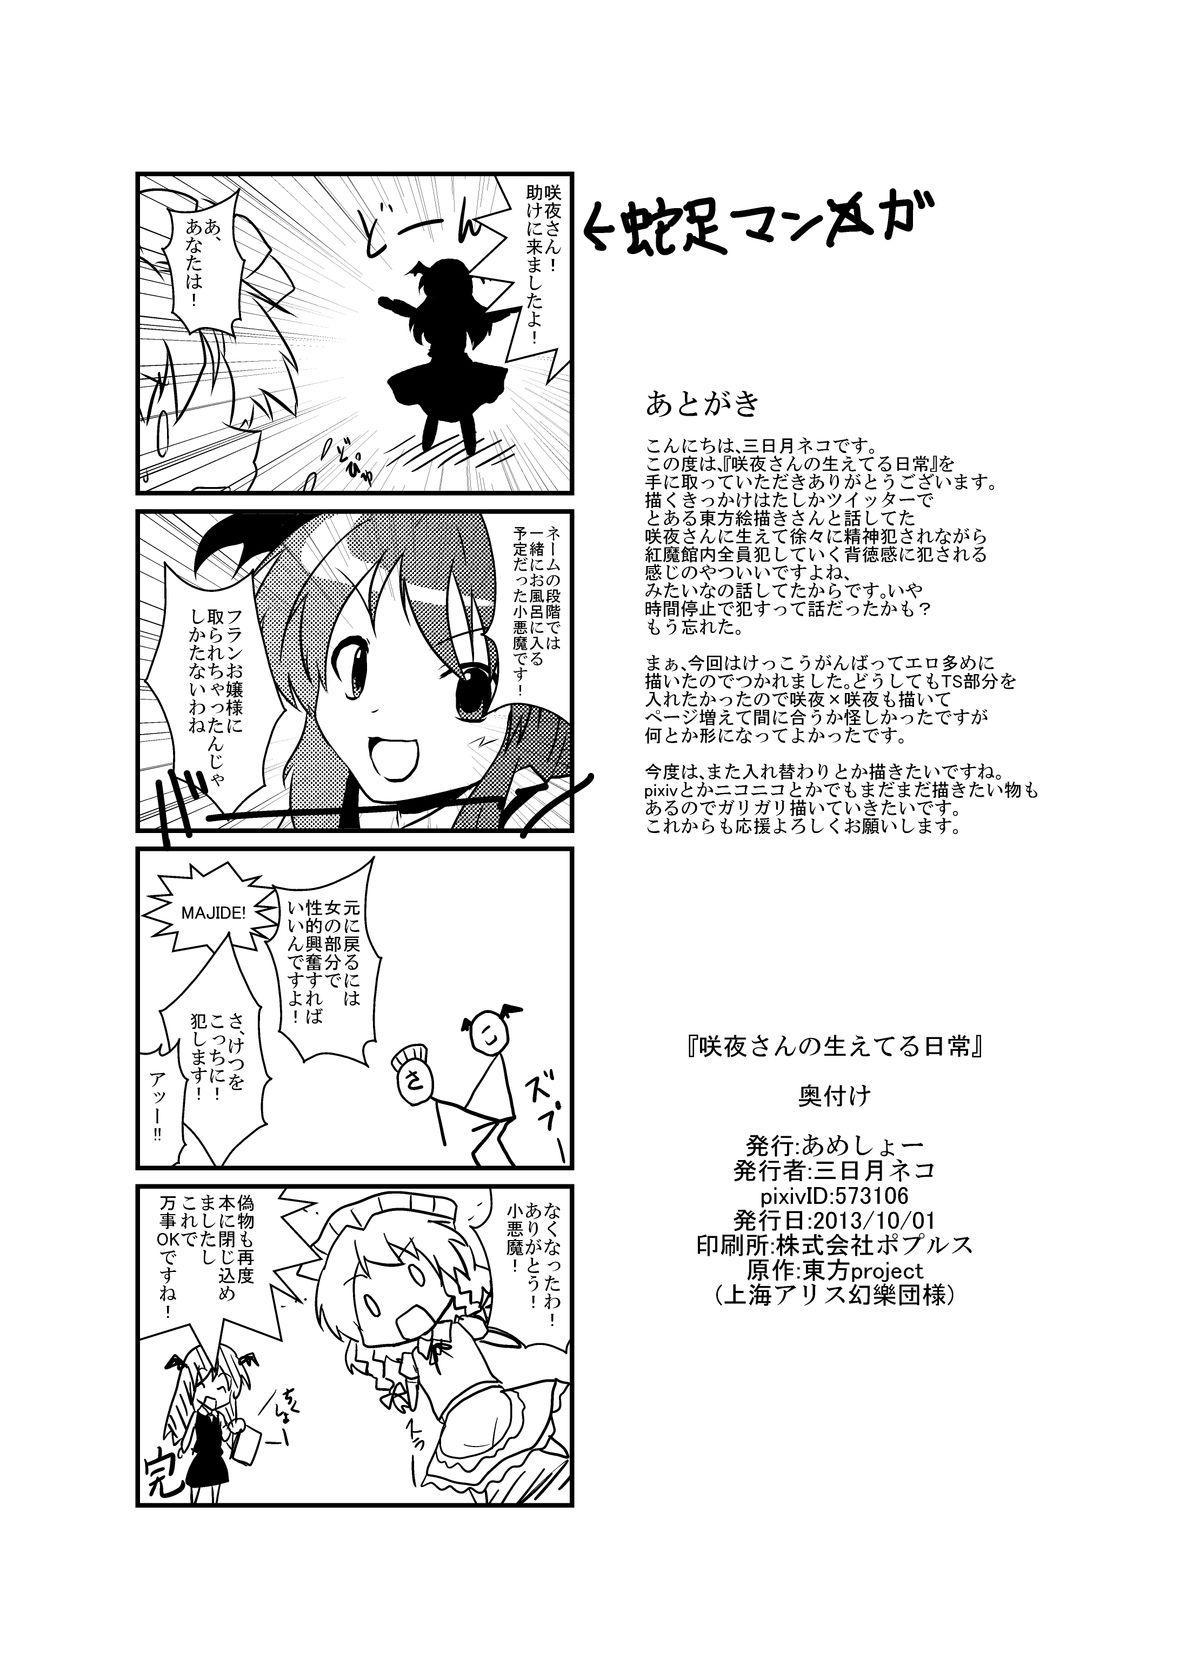 Sakuya-San no Haeteru Nichijou 40